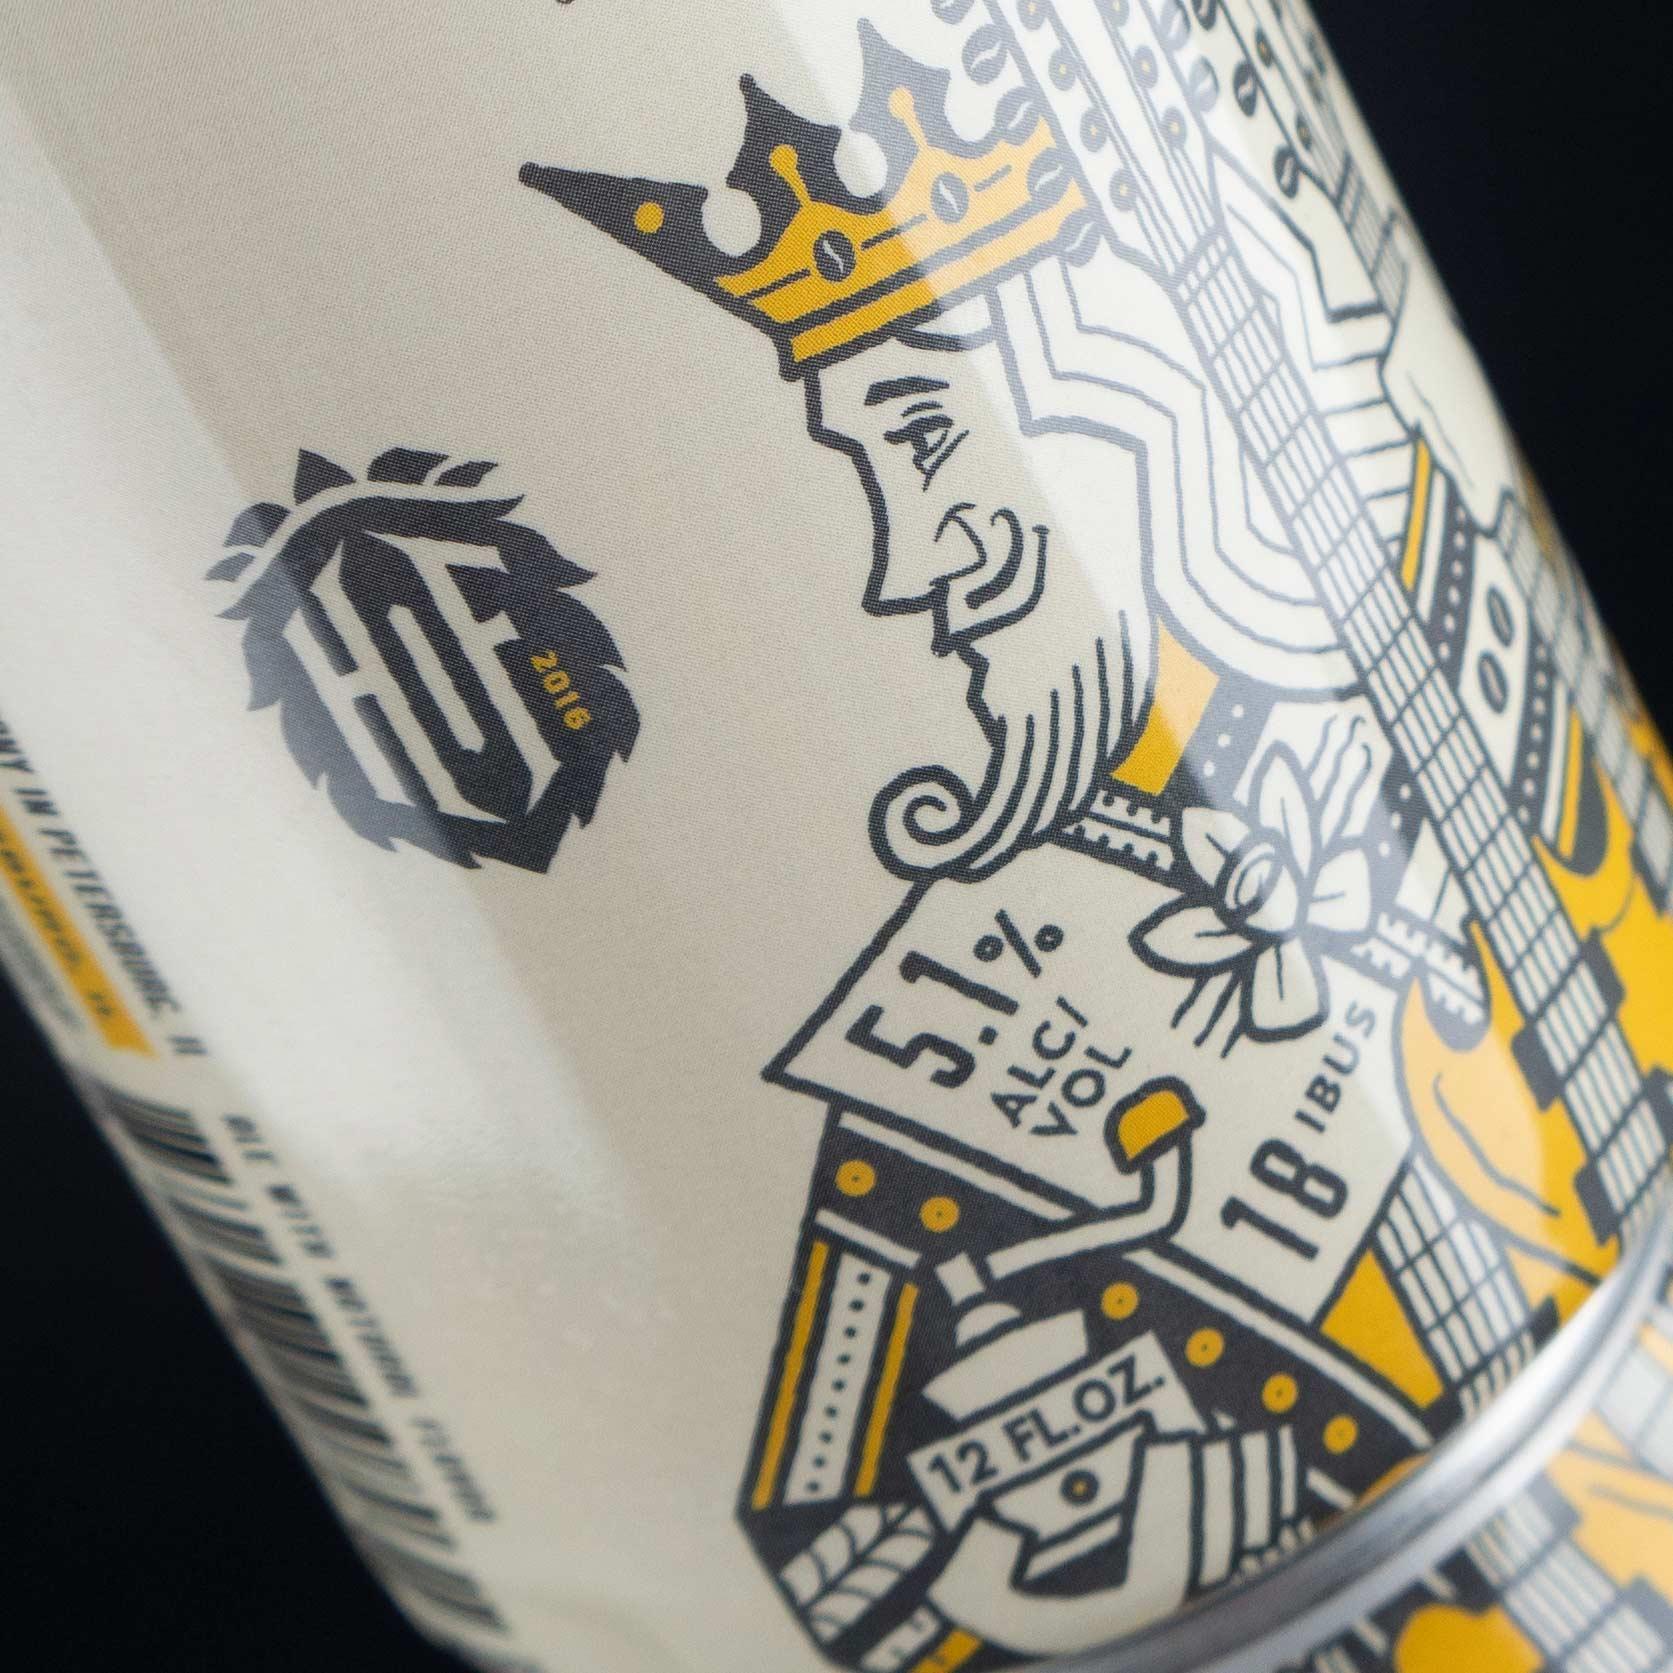 Double Bean Dream Cream Ale and Hand of Fate logo icon.